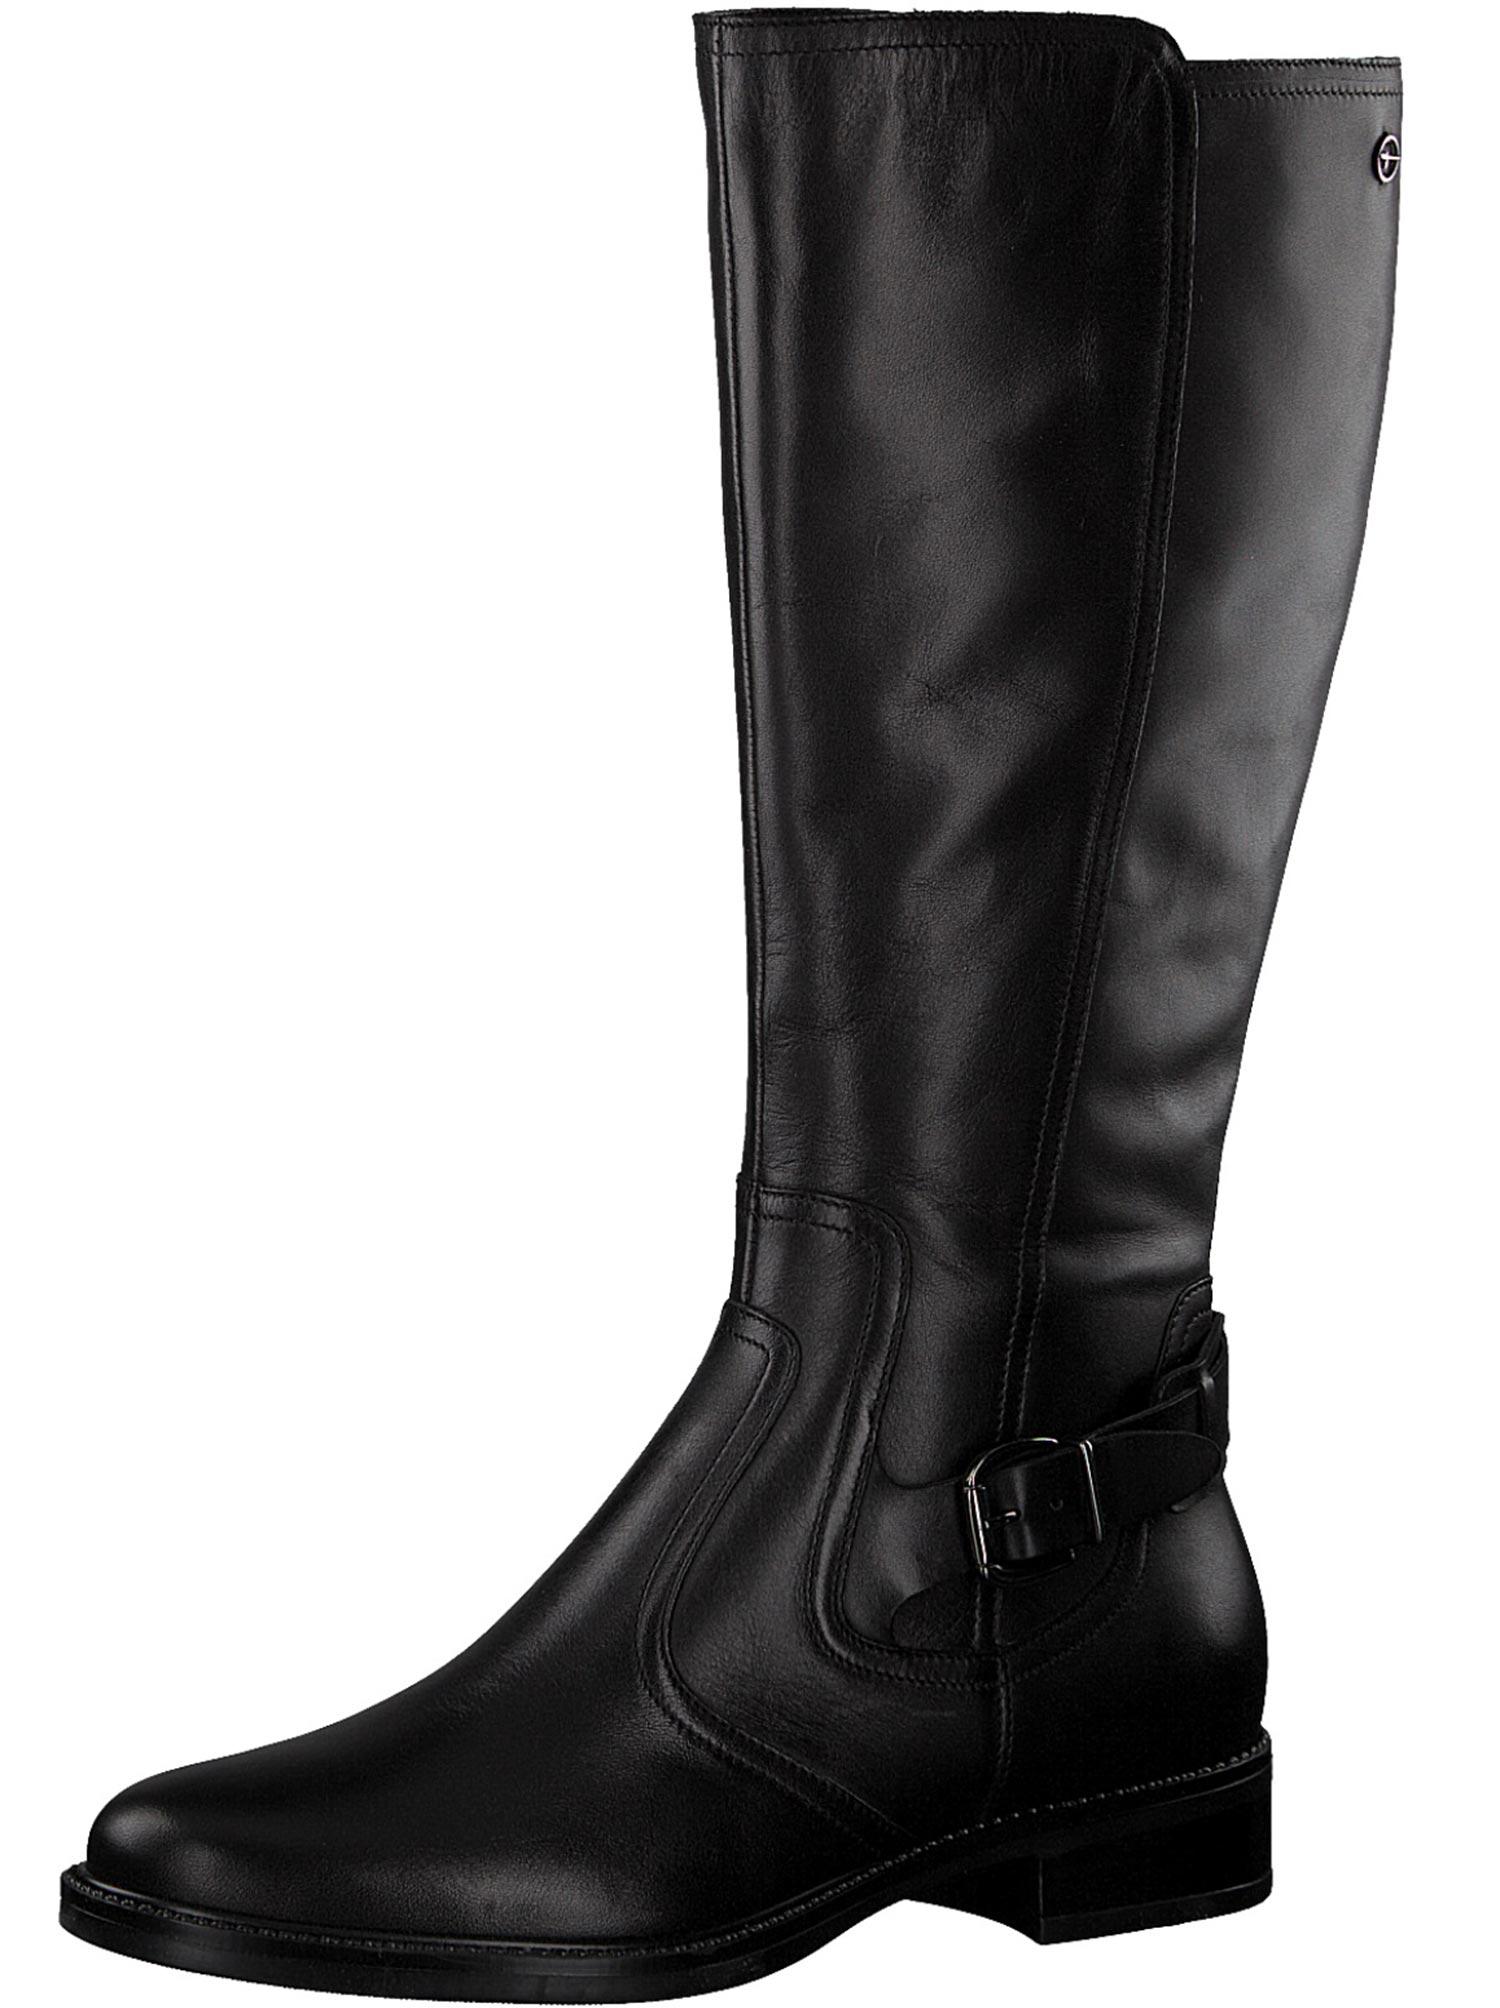 TAMARIS DAMEN STIEFEL Stiefeletten Boots Winter 25564 21001 Schwarz Neu